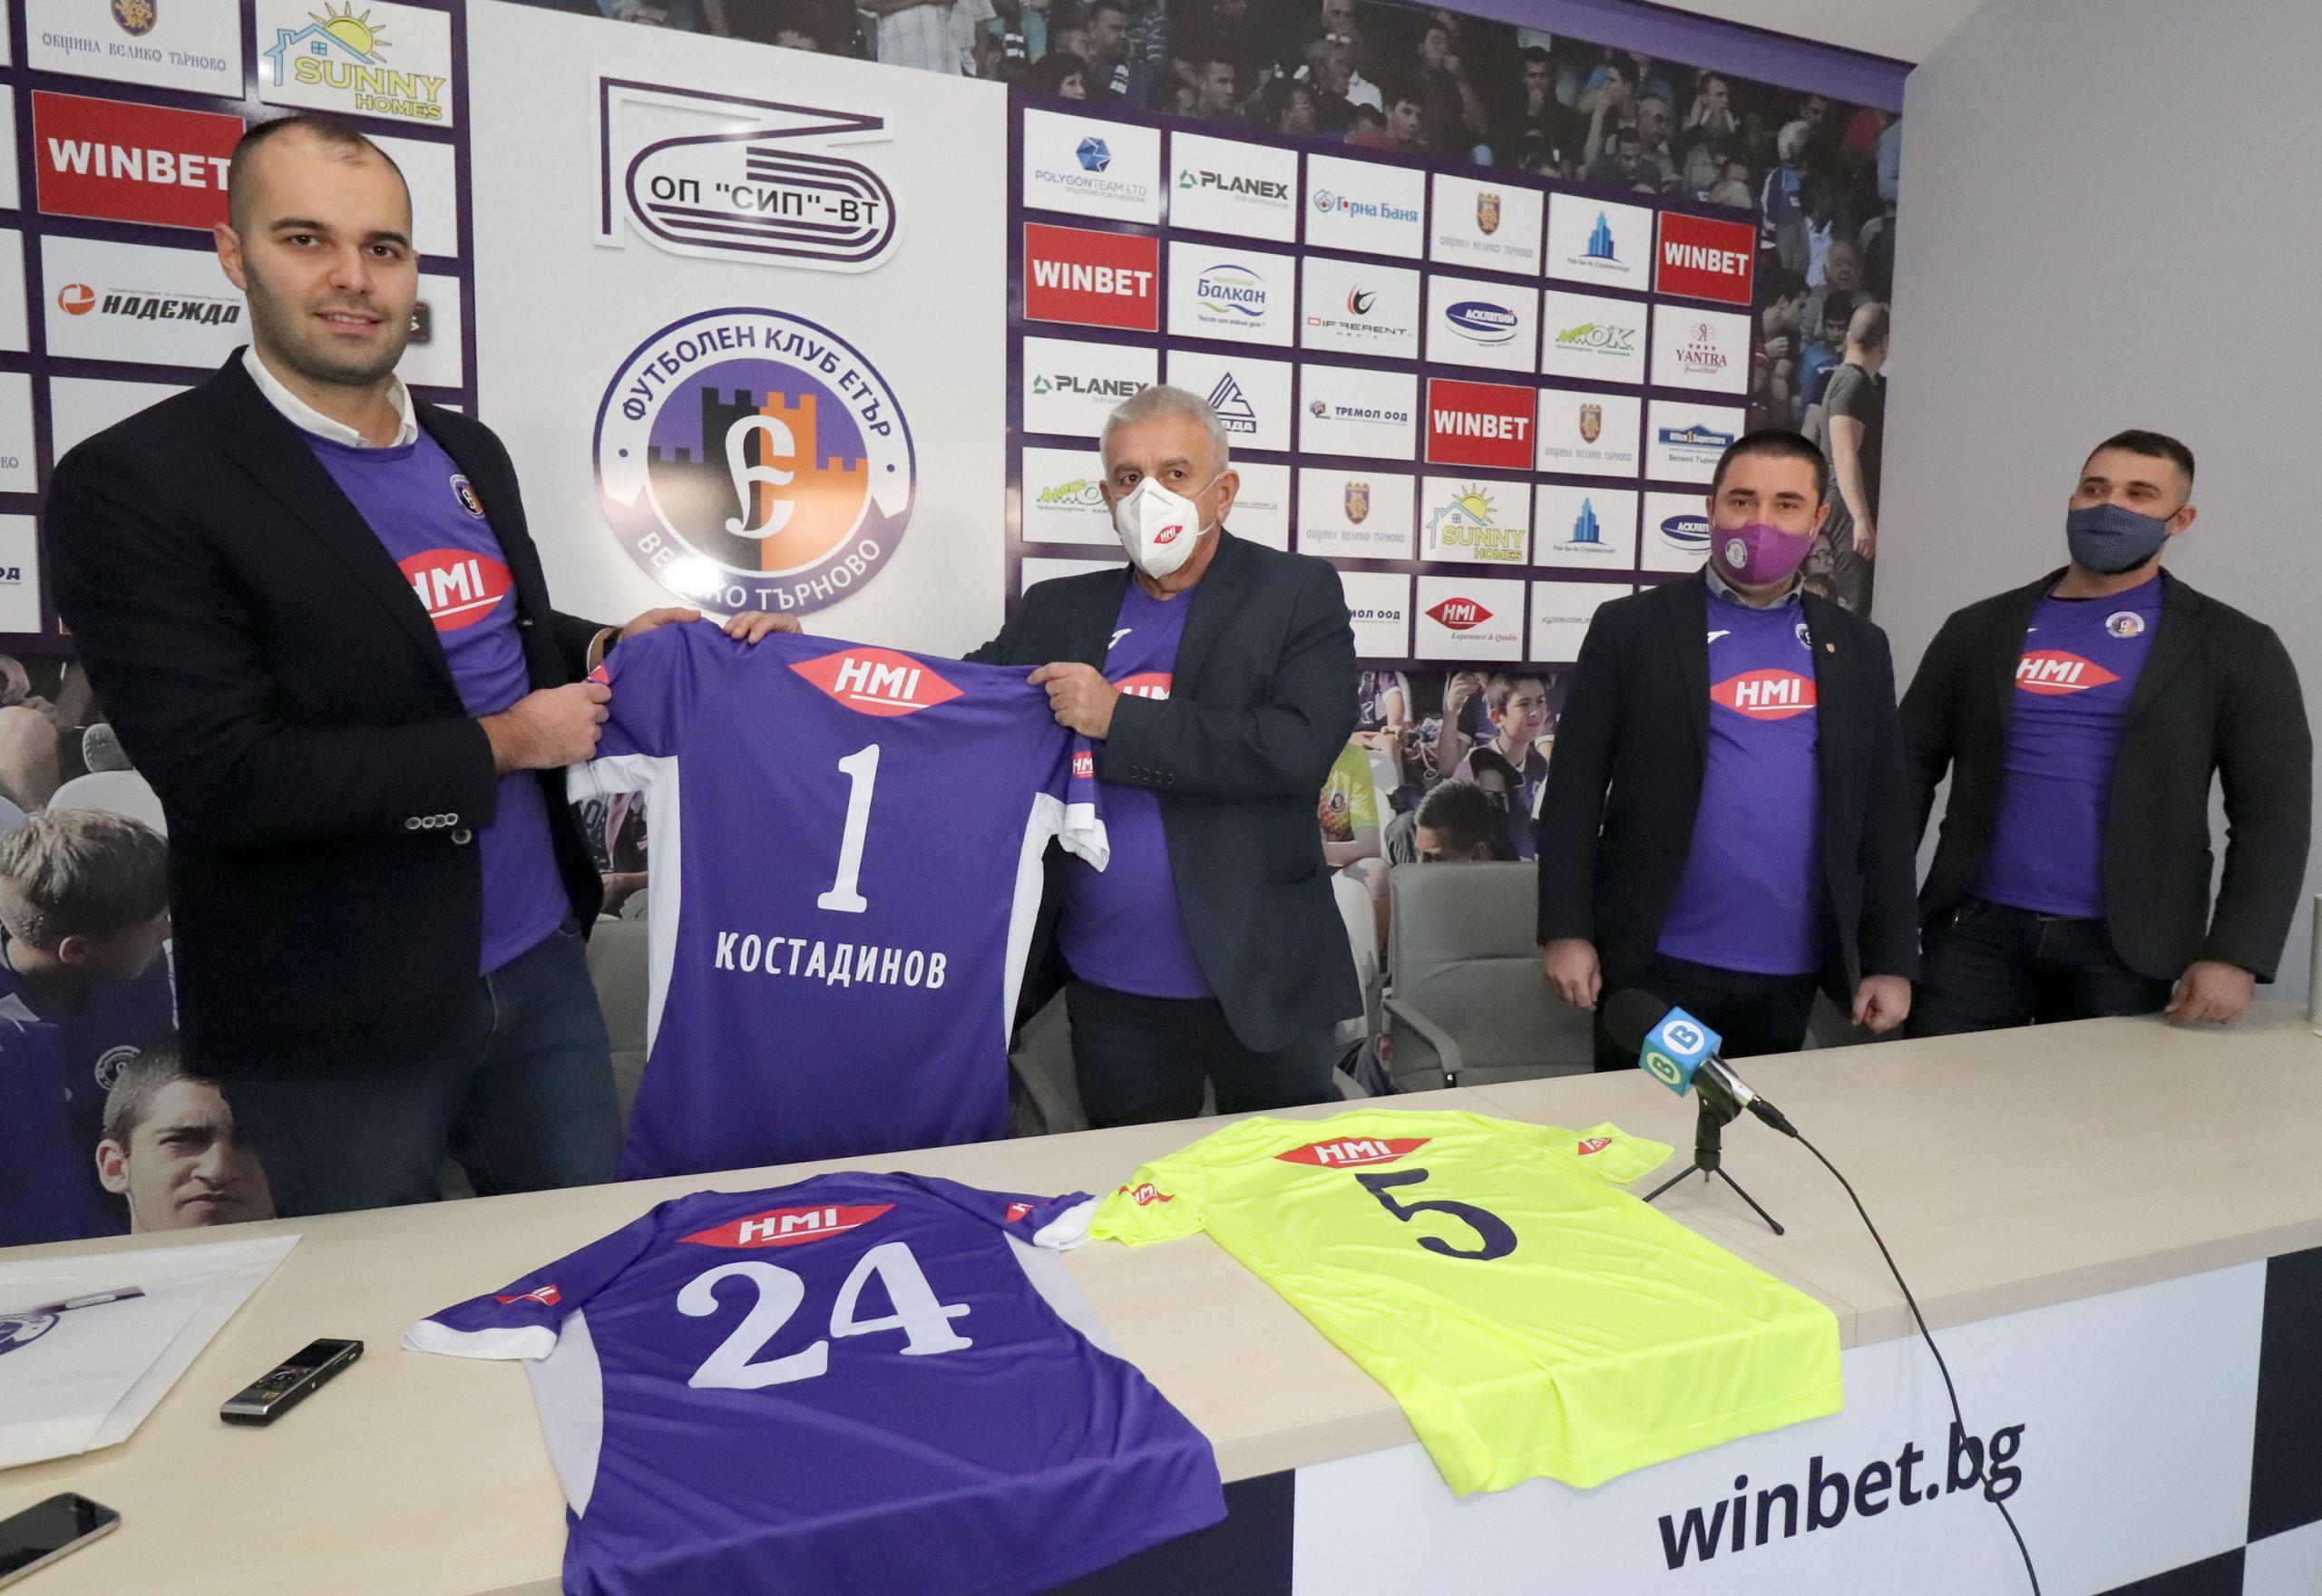 Етър представи новия голям спонсор - HMI ще помага на клуба 17